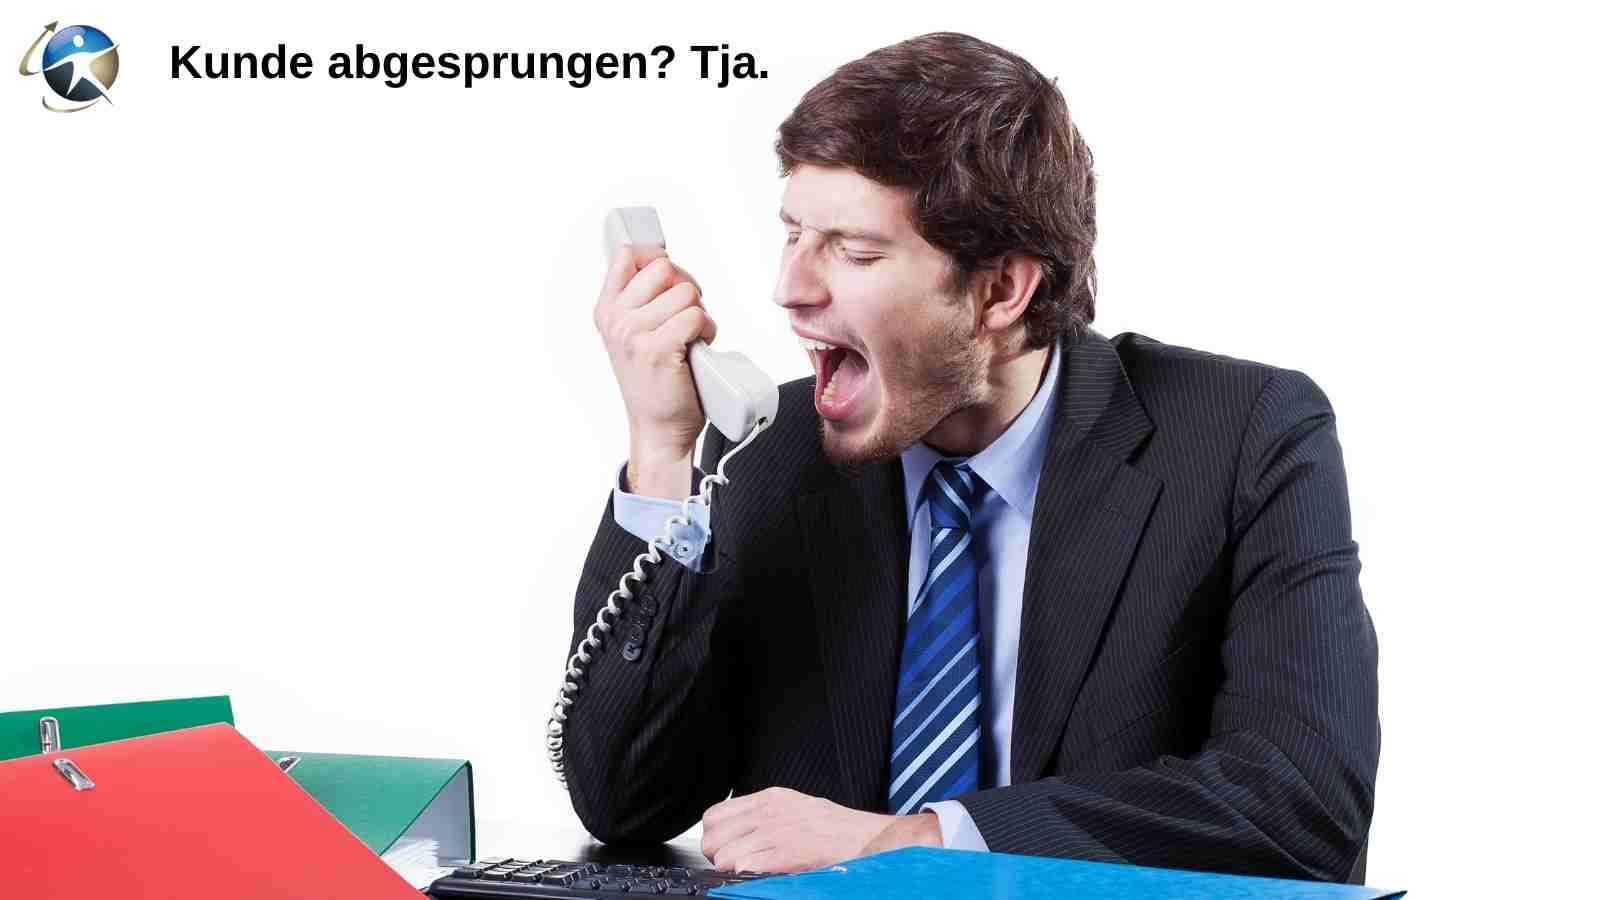 Schonen Sie Ihre Nerven - qualifizieren Sie Kunden mit der Online-Beratung vor